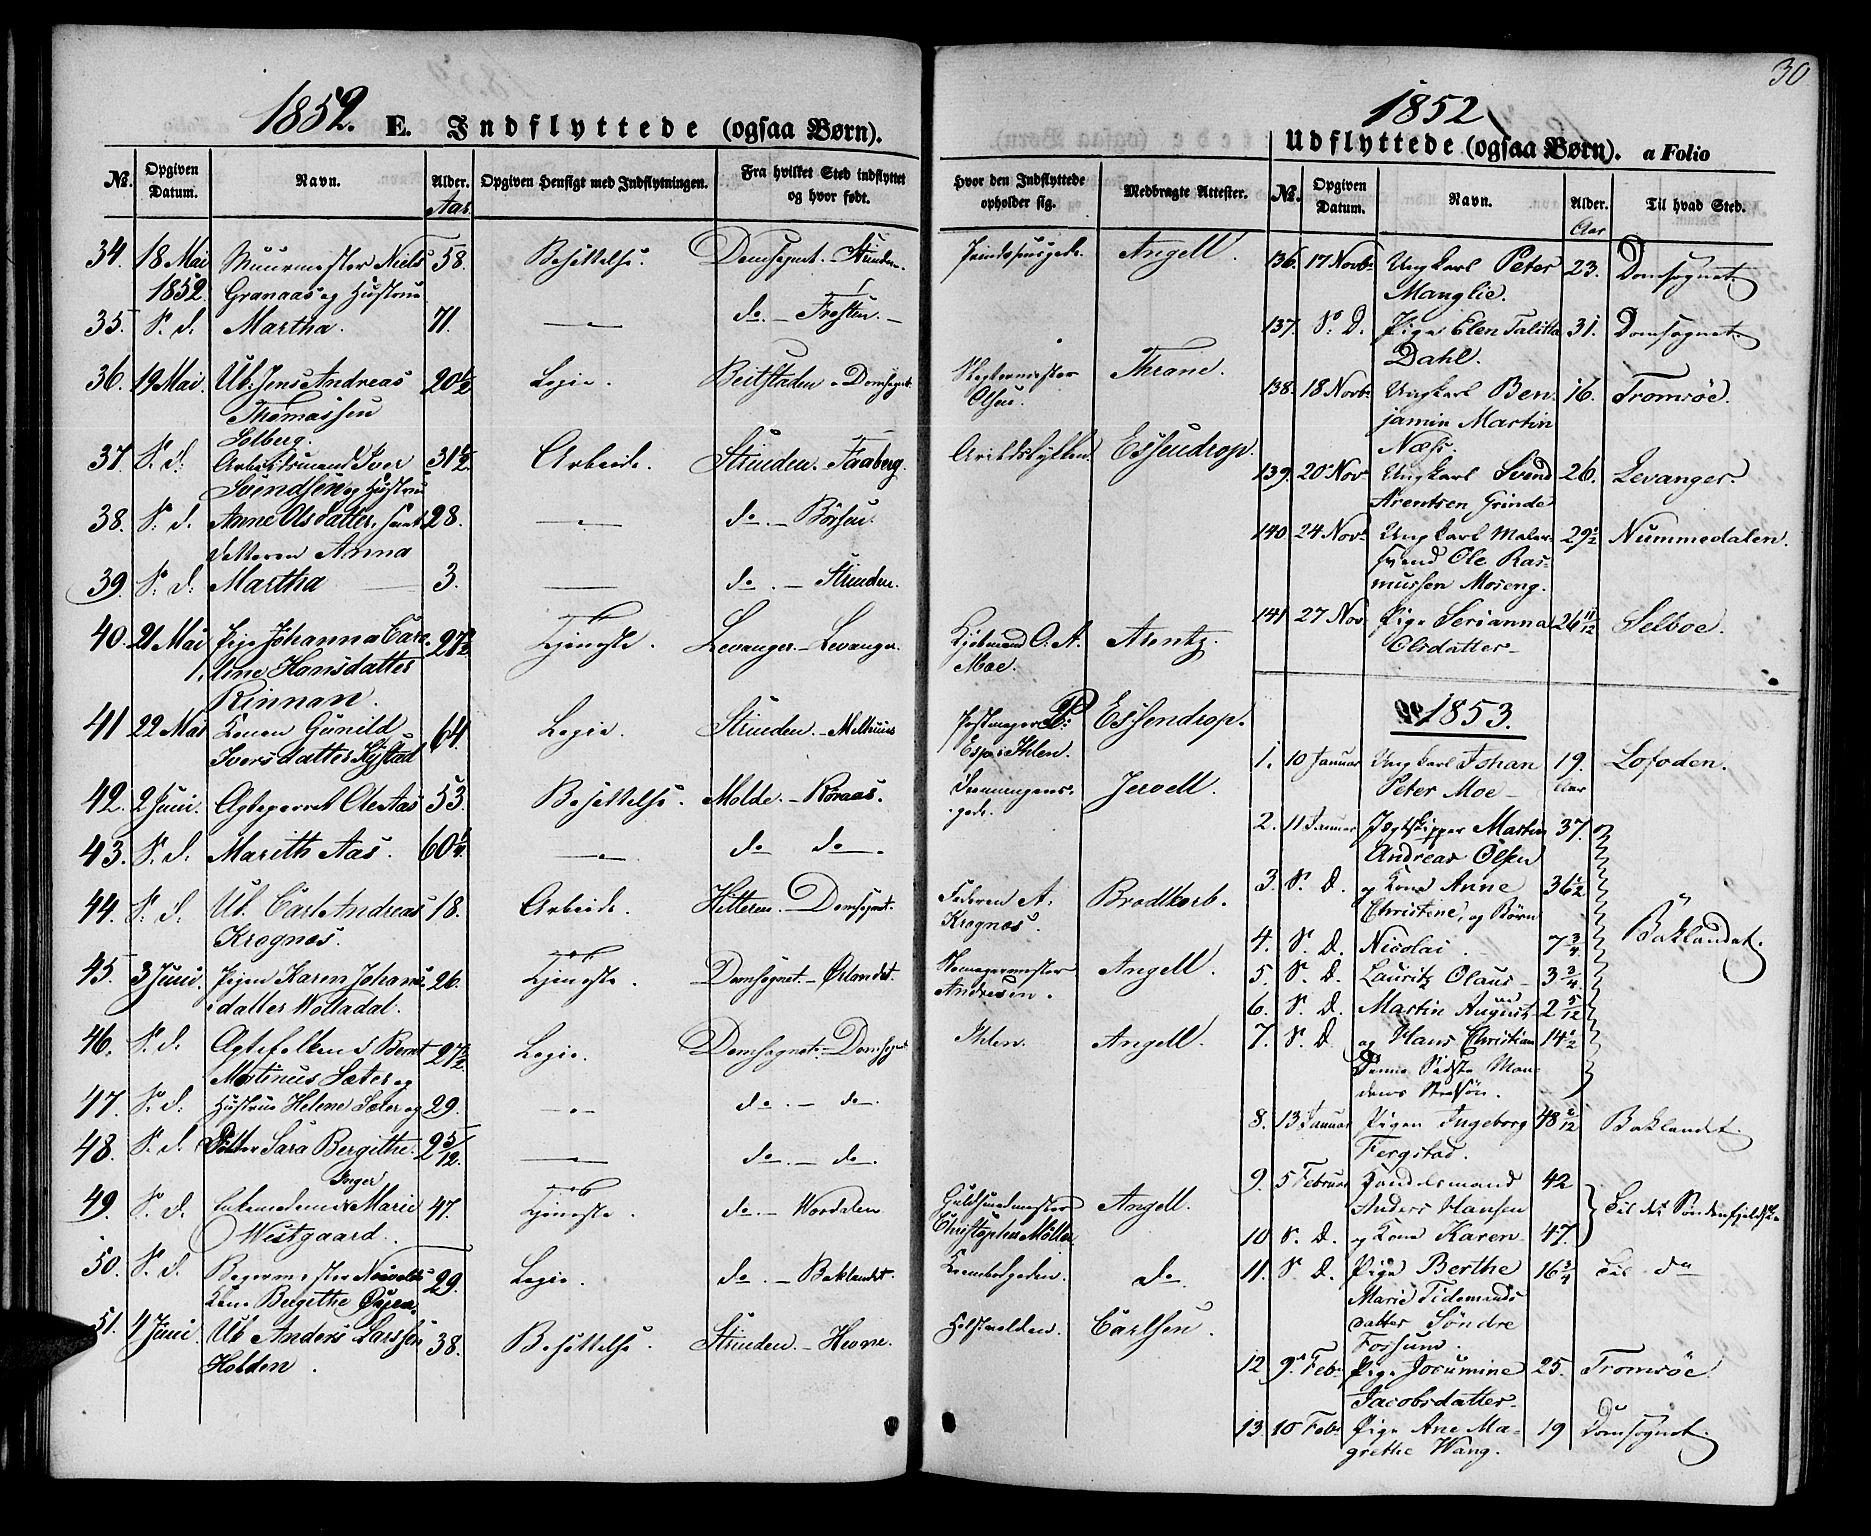 SAT, Ministerialprotokoller, klokkerbøker og fødselsregistre - Sør-Trøndelag, 602/L0113: Ministerialbok nr. 602A11, 1849-1861, s. 30